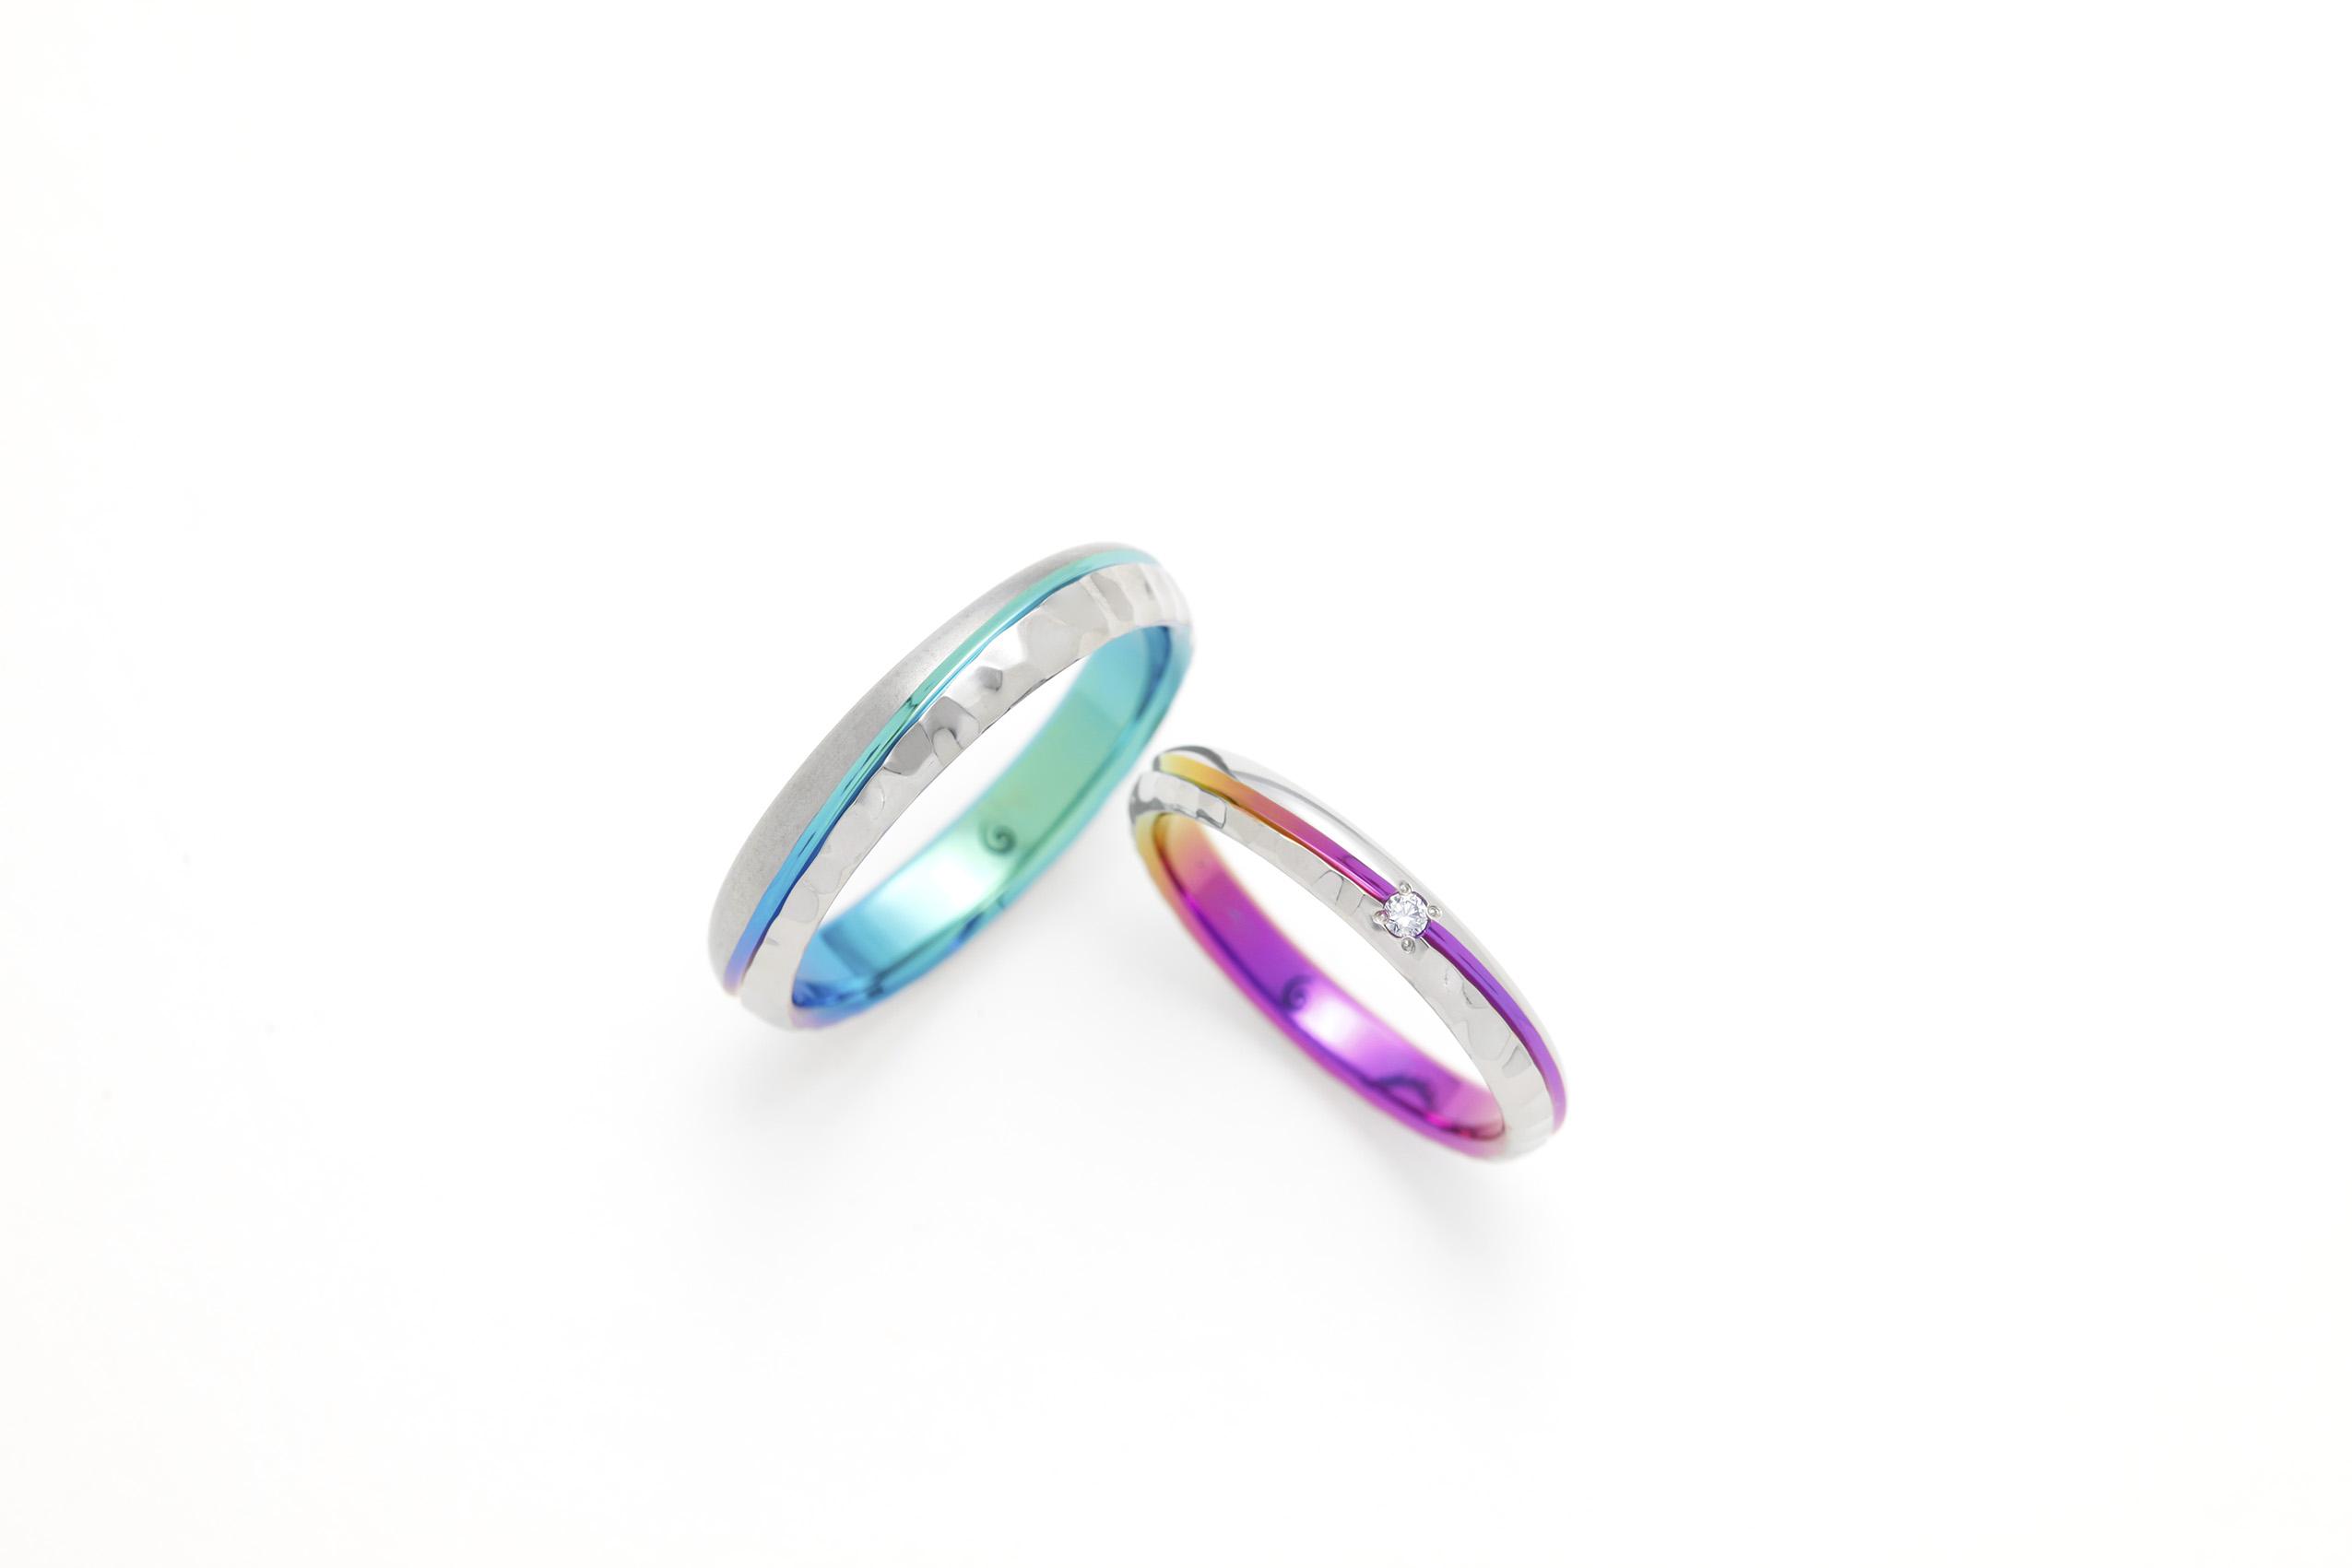 SORAの槌目の結婚指輪「コースト」